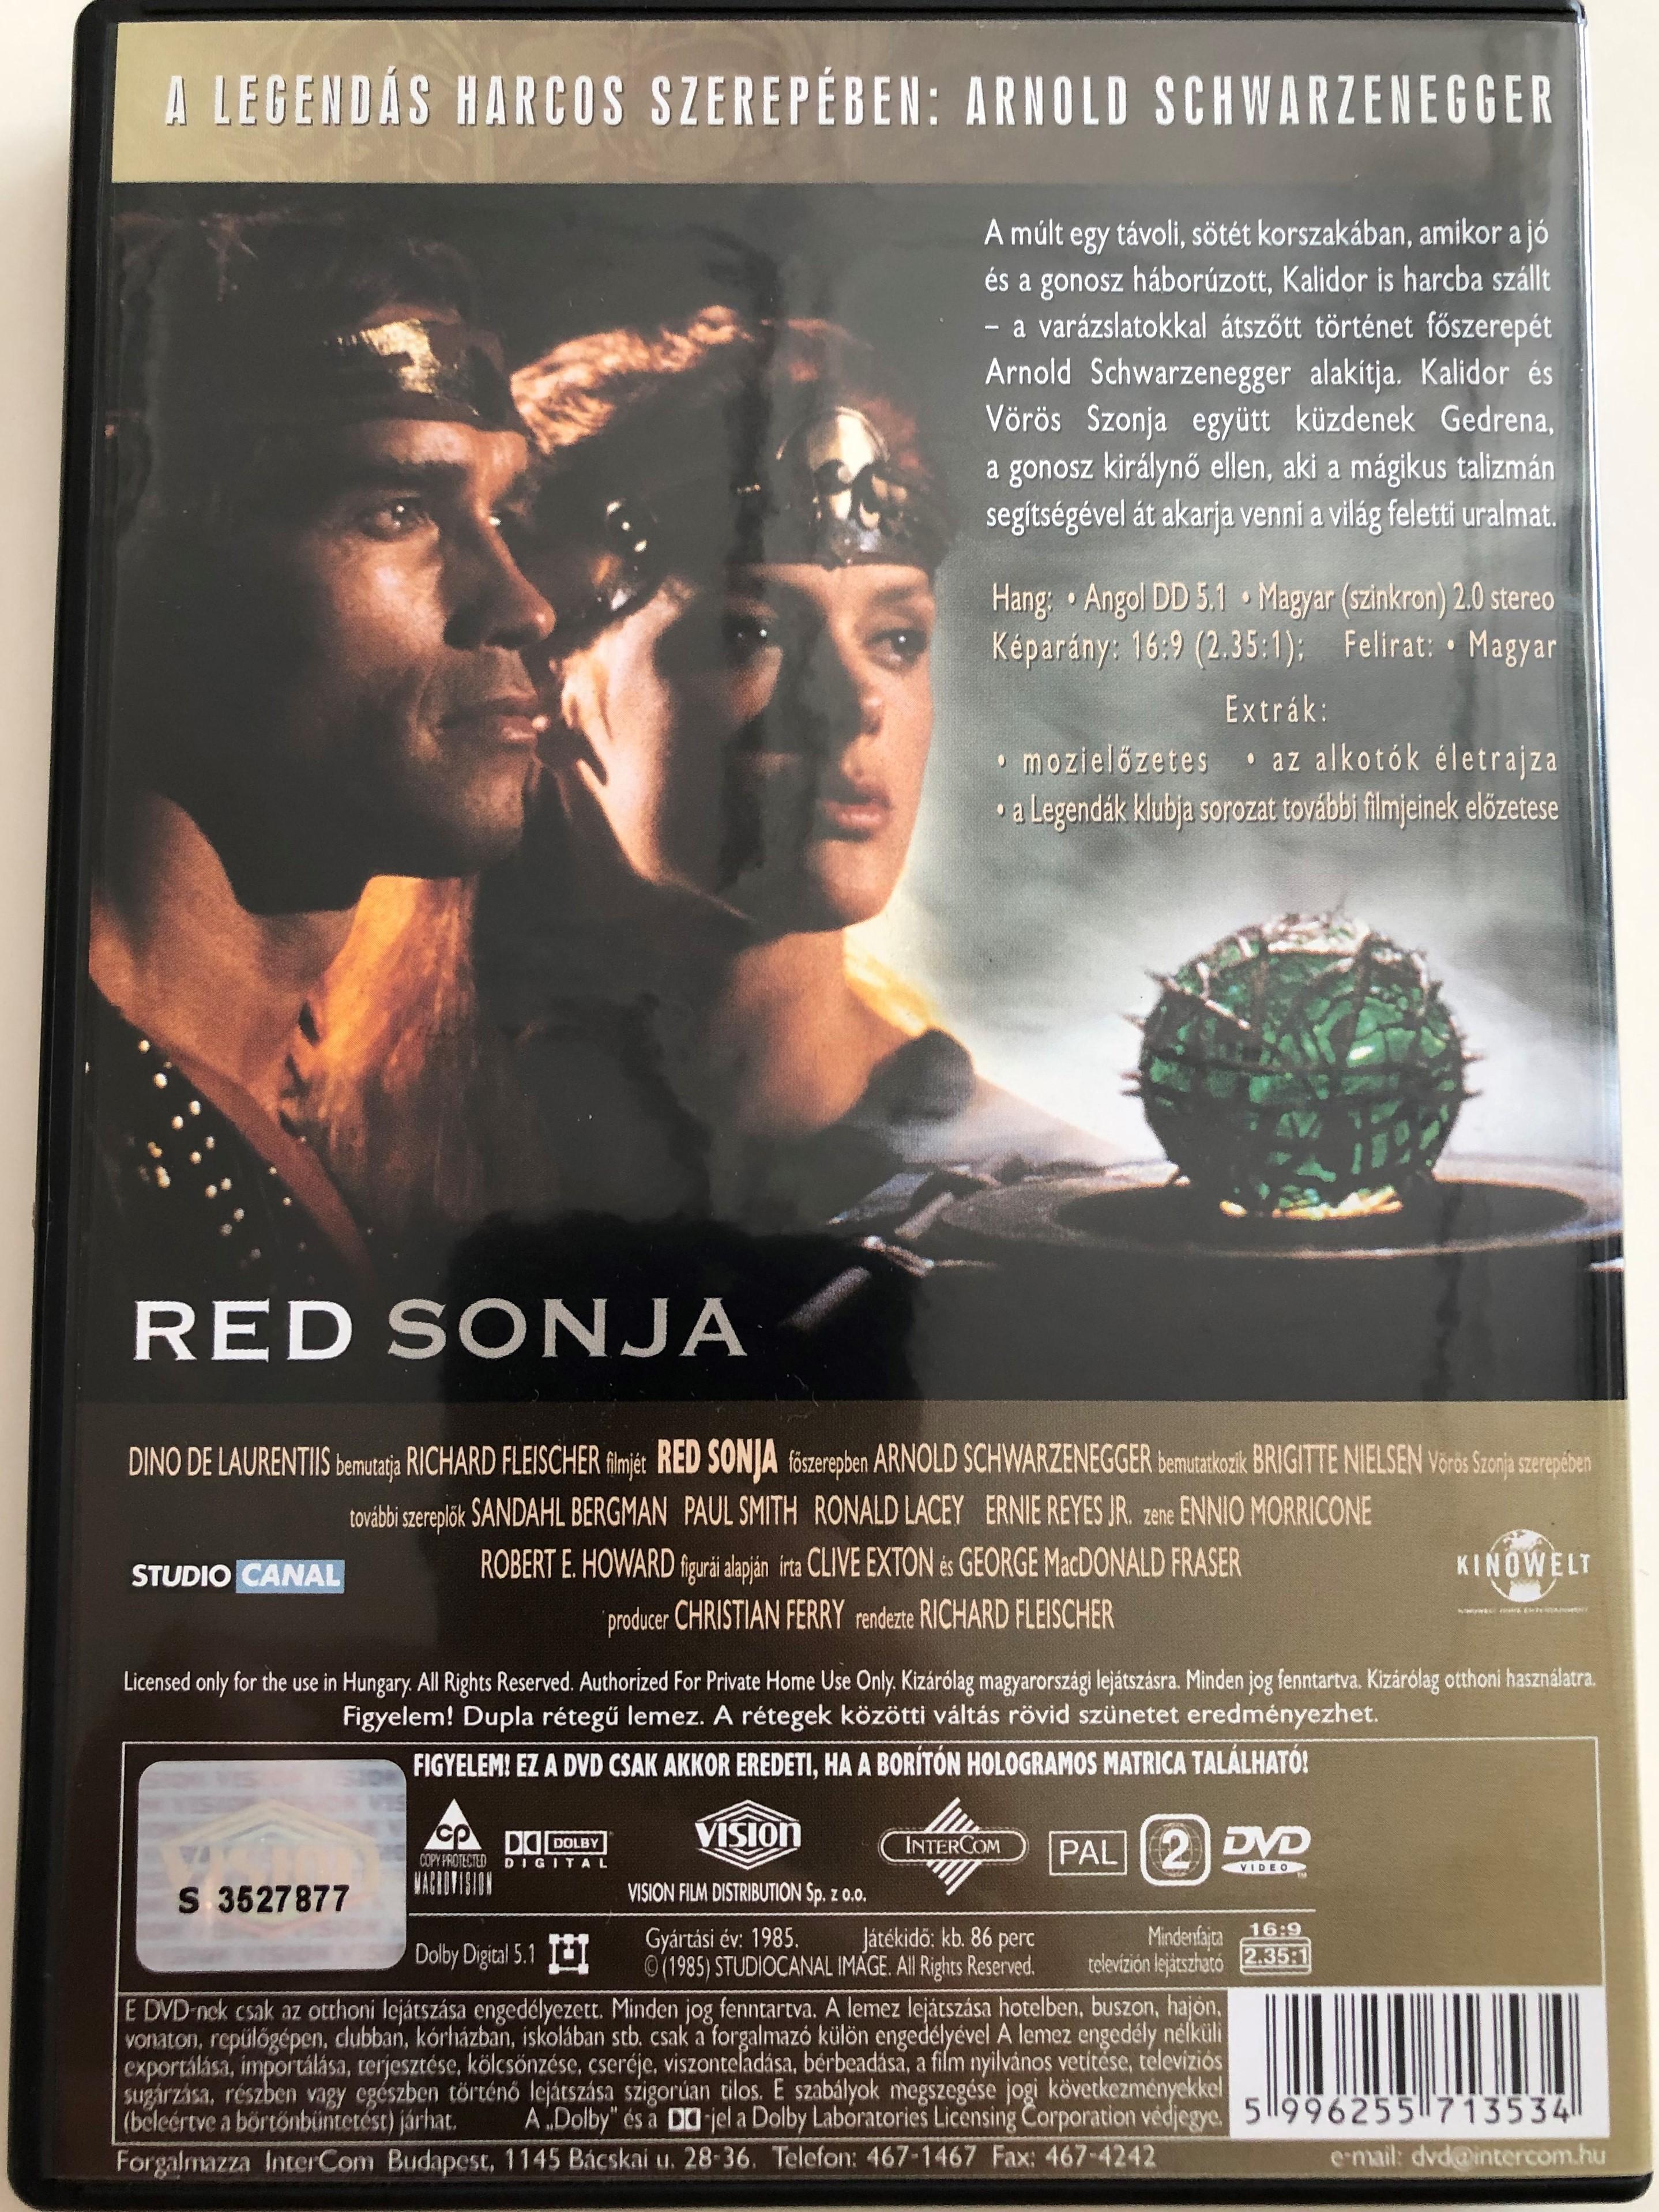 red-sonja-dvd-1985-v-r-s-szonya-directed-by-richard-fleischer-starring-arnold-schwarzenegger-brigitte-nielsen-3-.jpg